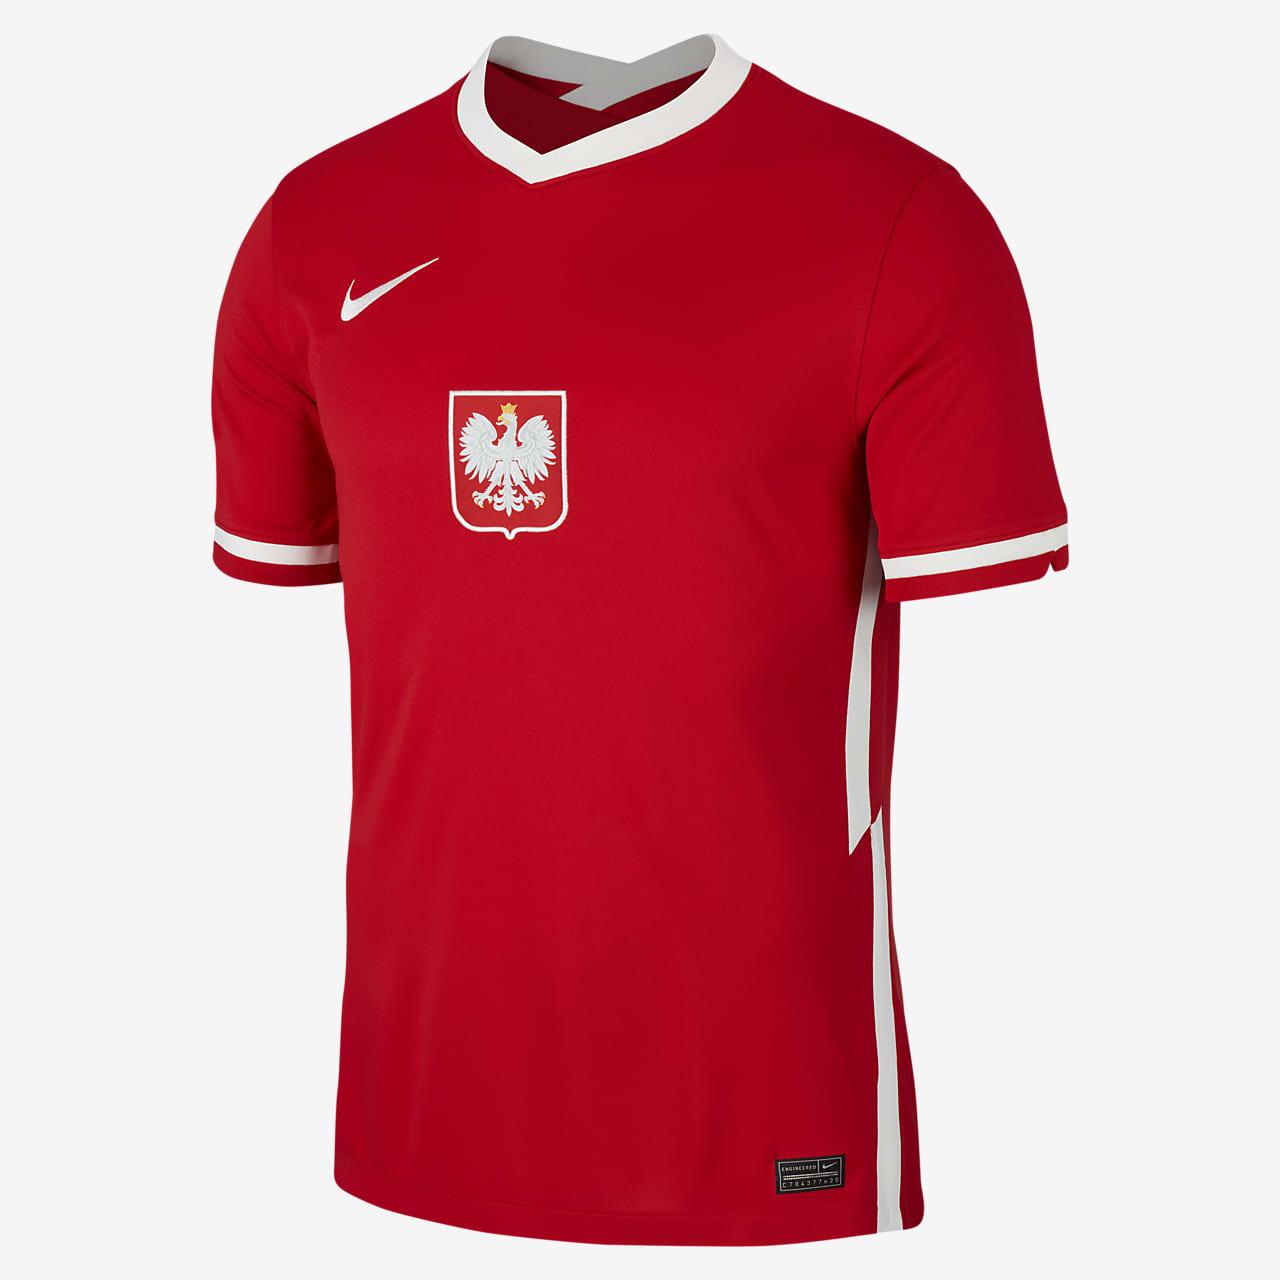 NIKE Polonia Poland JERSEY MAGLIA ROSSO TAGLIA L